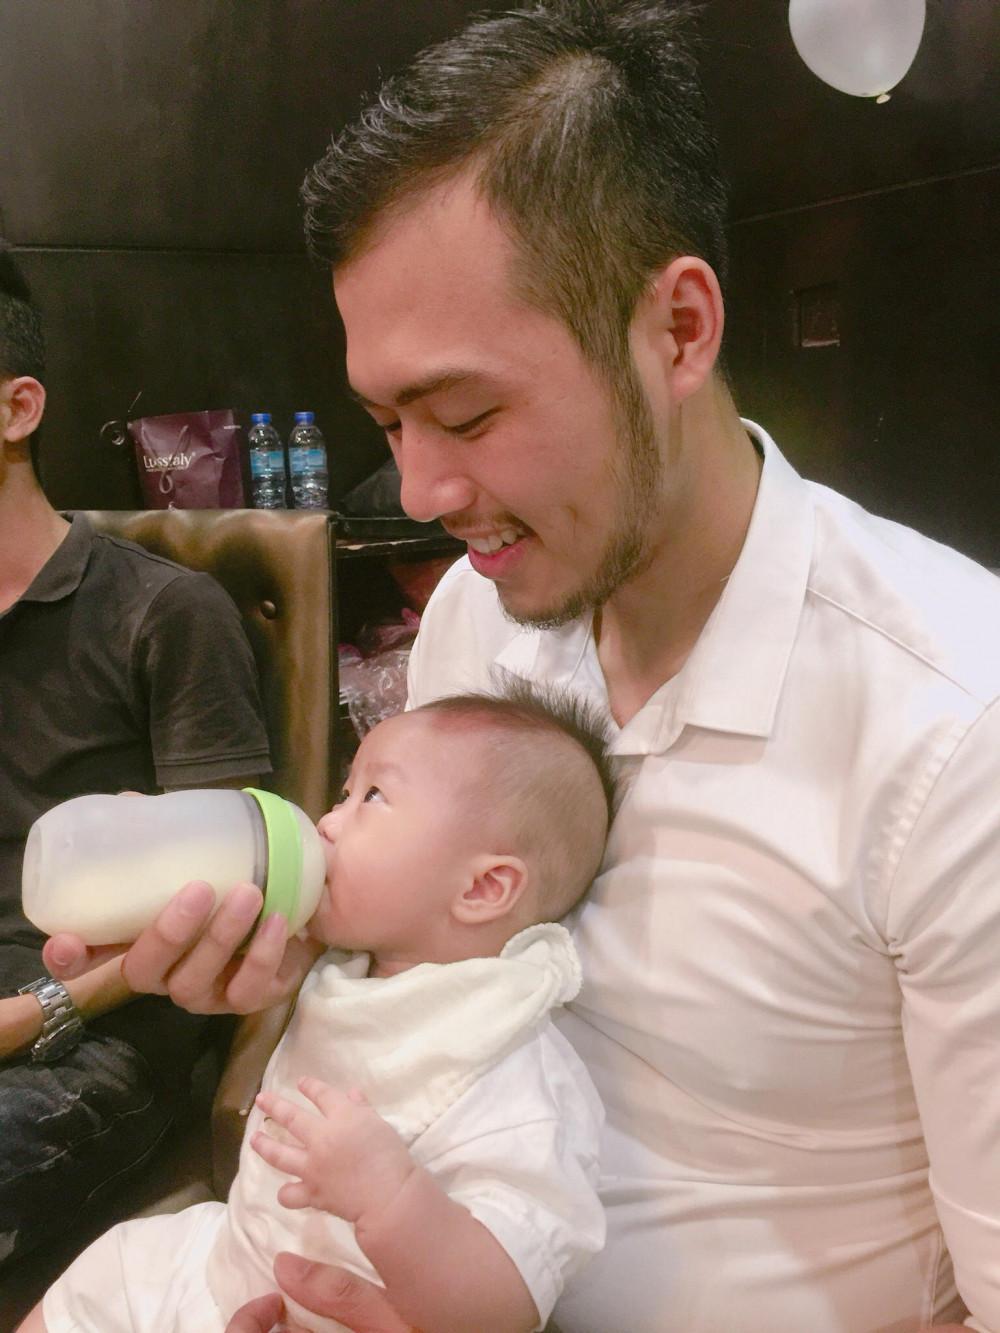 Chơi với con, cho con uống sữa, thay bỉm lã... là cách việt san sẻ vất vả cùng vợ (Ảnh nhân vật cung cấp)